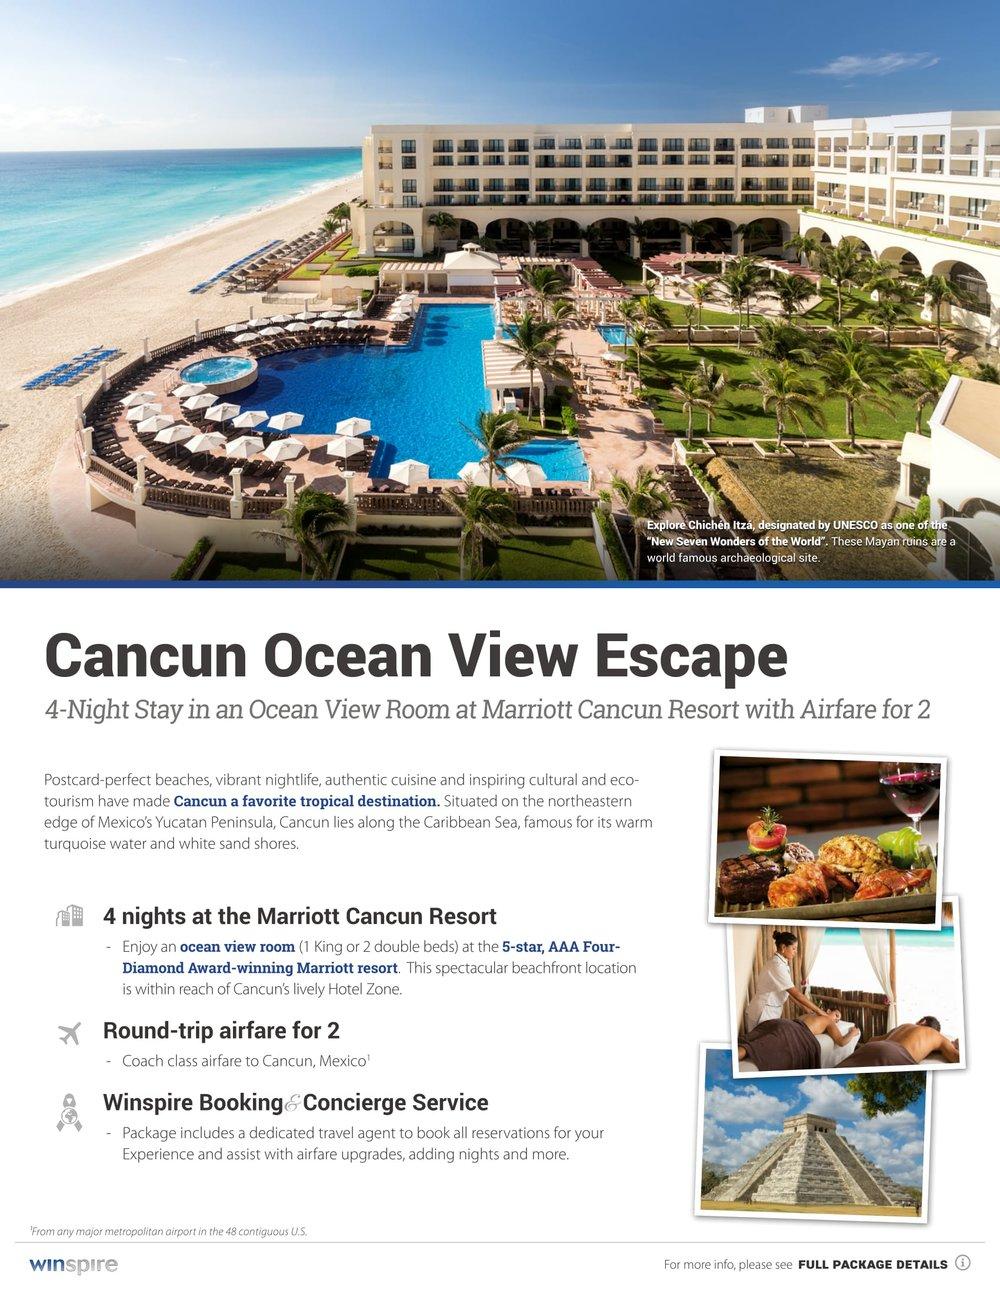 DISPLAY-1358-2 Cancun Ocean View Escape-20170831-1.jpg